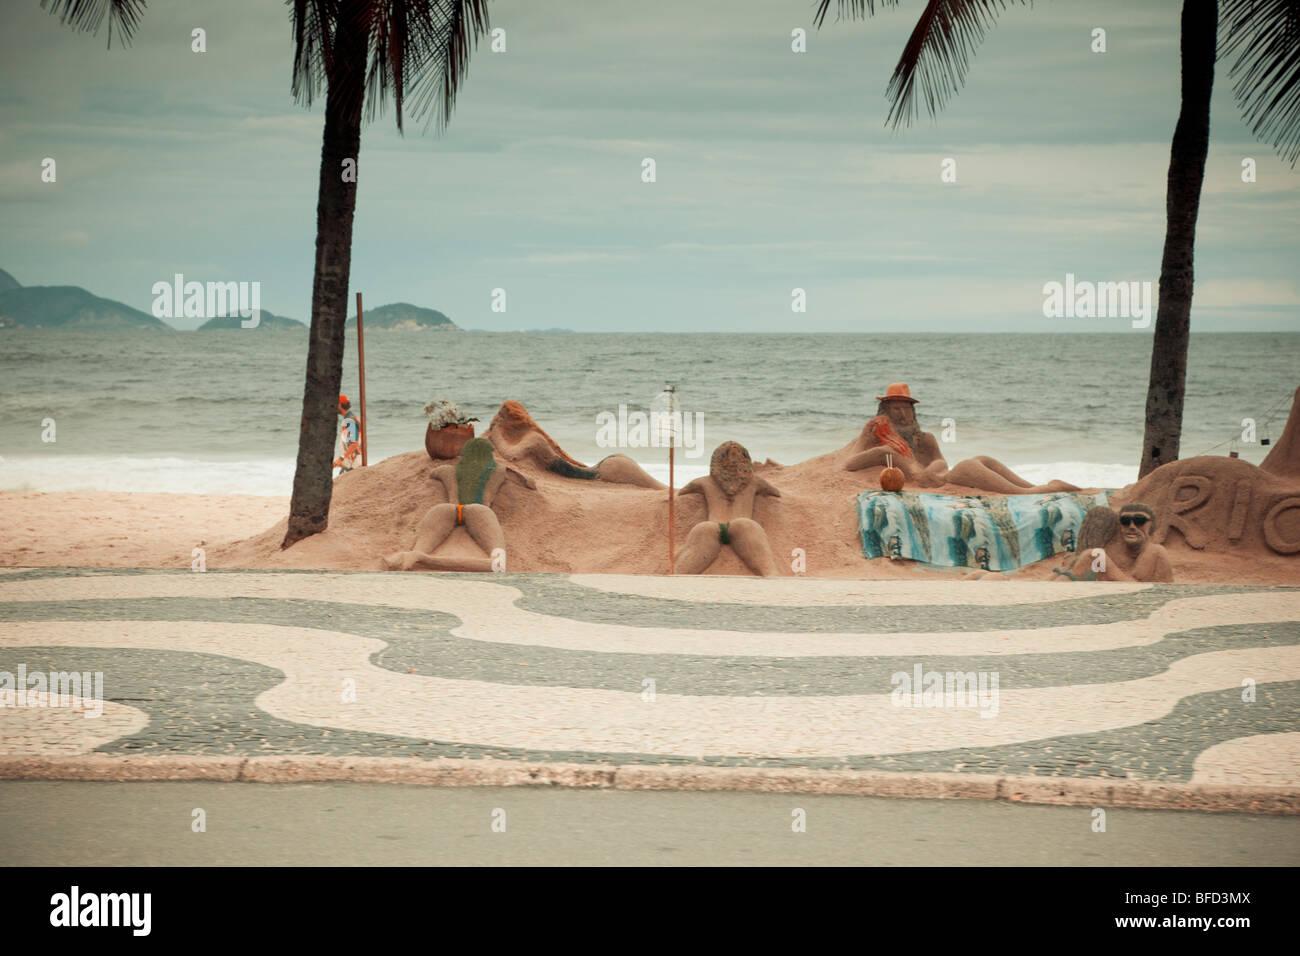 Beach sculptures Copacabana Rio De Janeiro Brazil - Stock Image